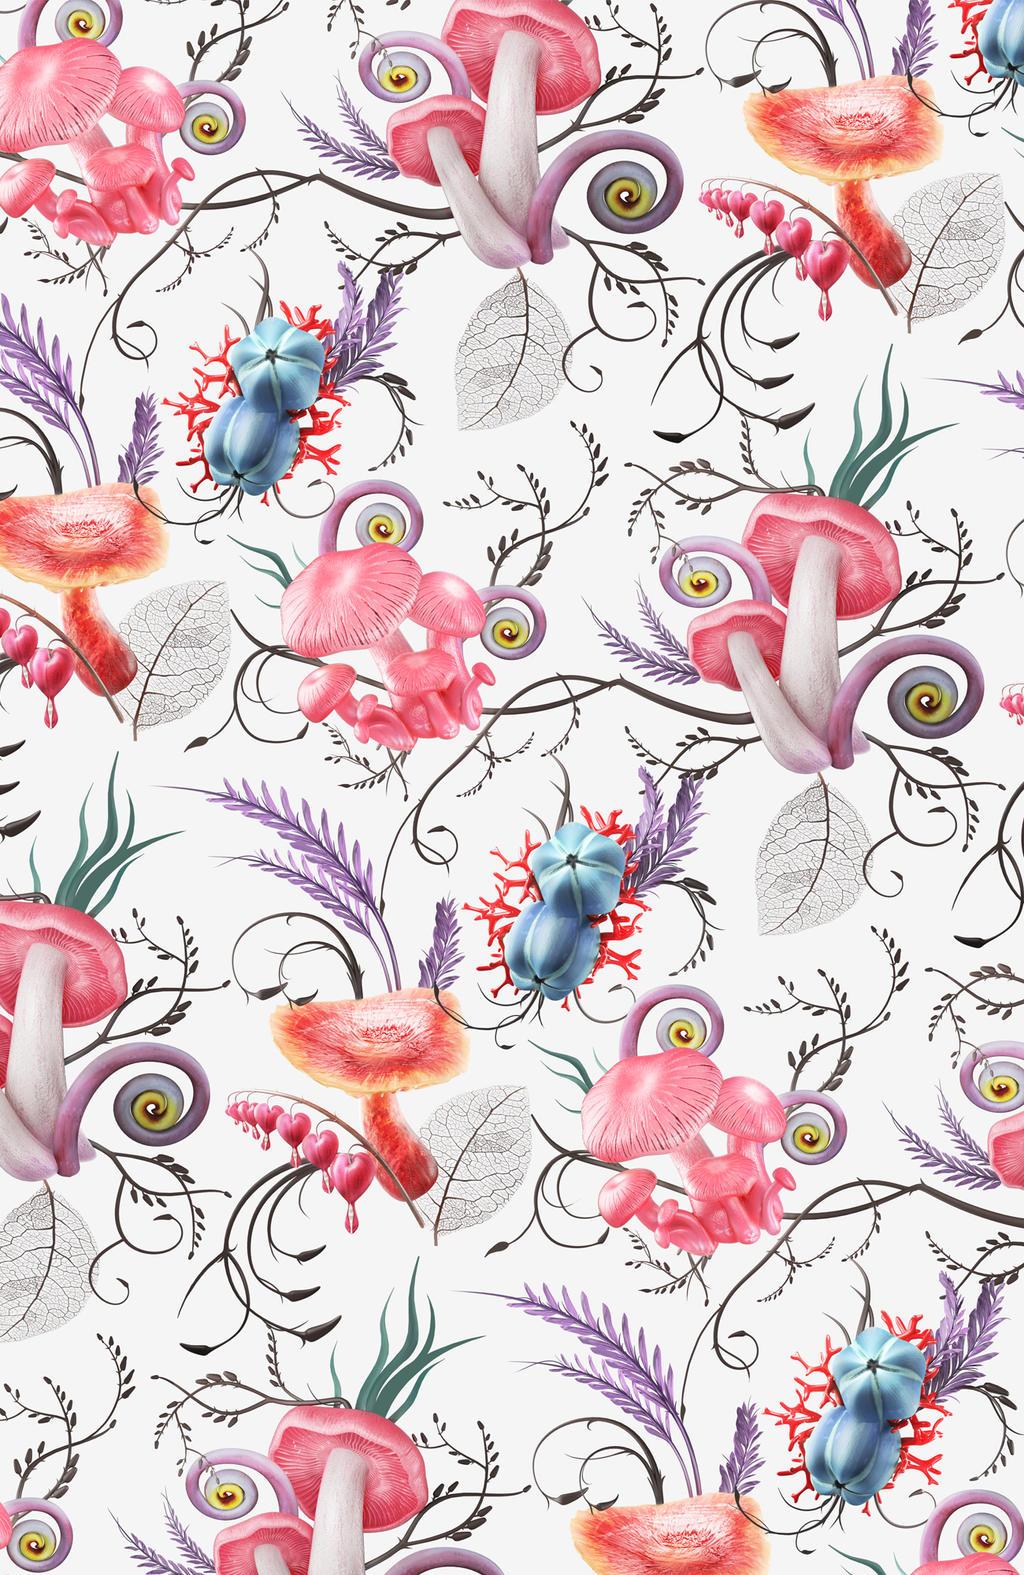 Mushroom pattern 2 by Melaamory